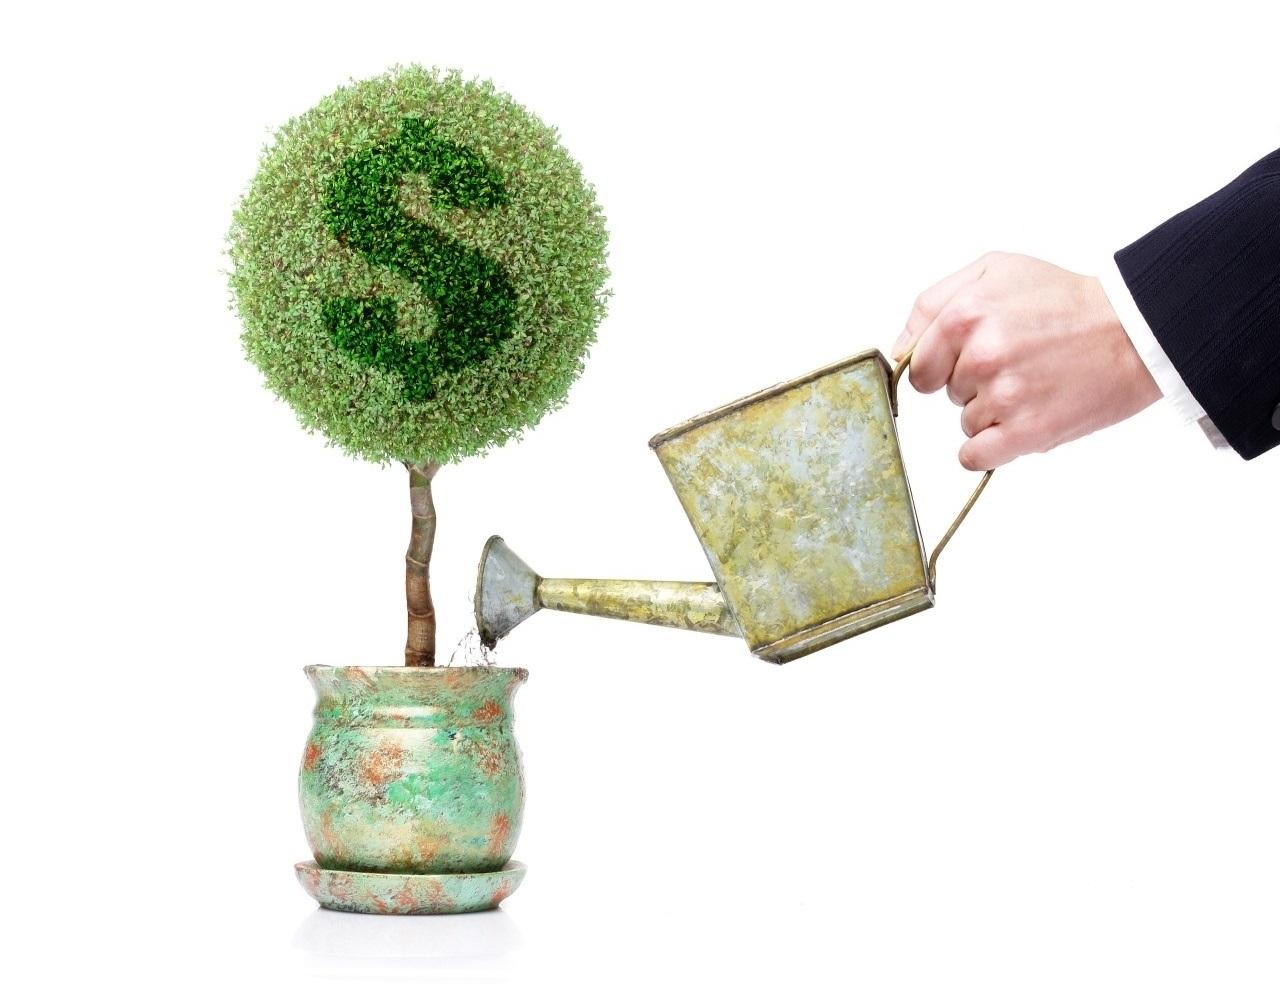 Investir em consórcio é sinônimo de segurança!, Midi Invest